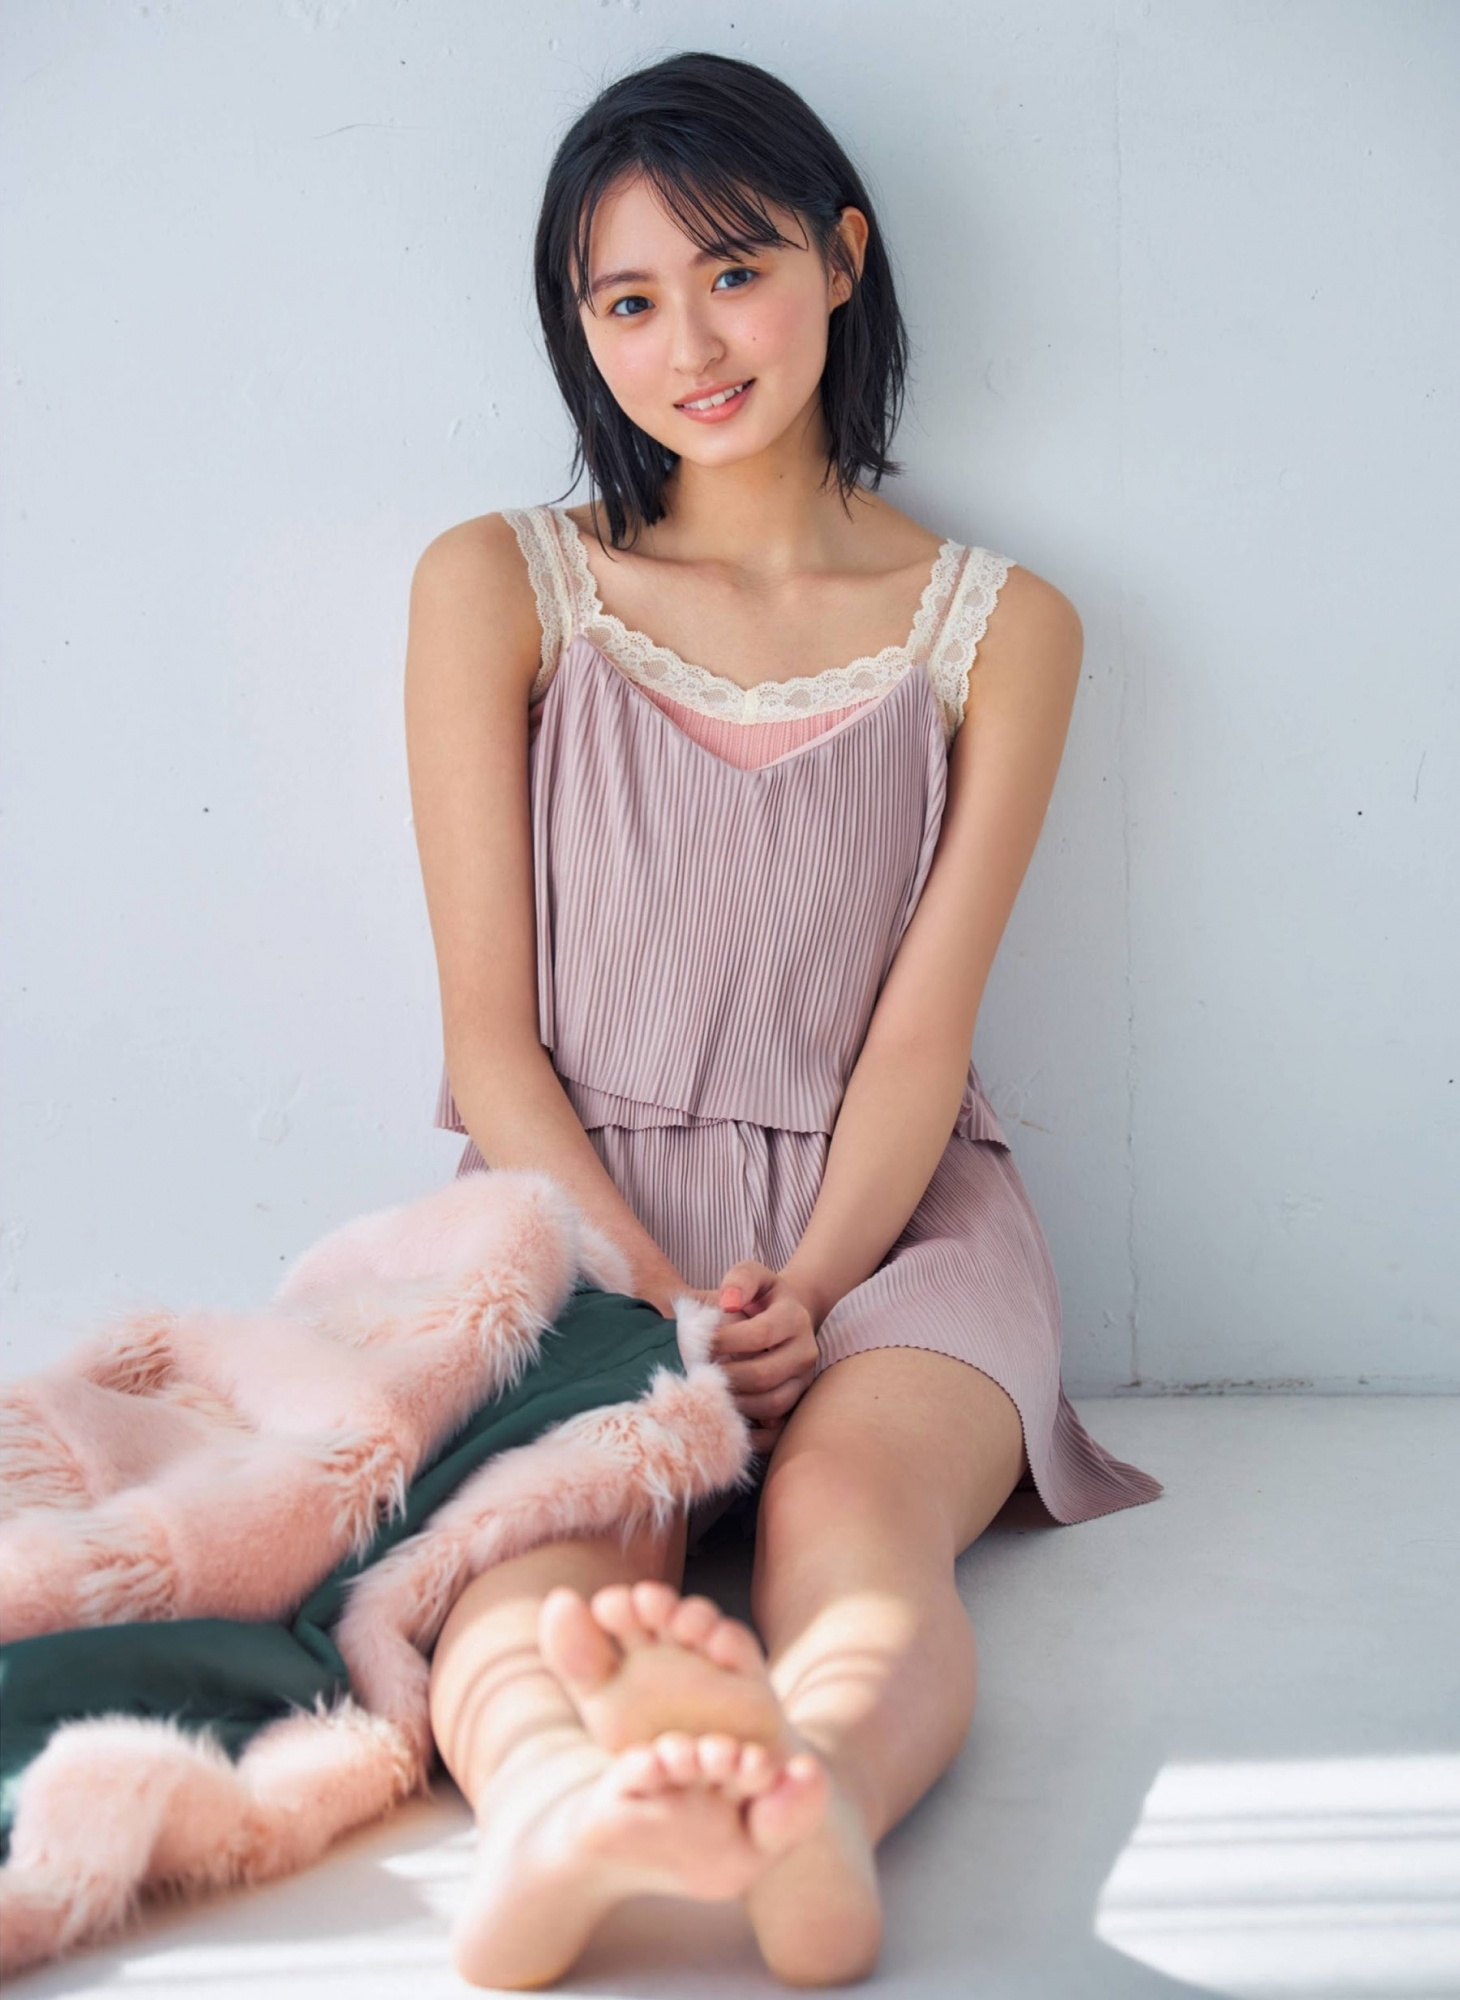 乃木坂46偶像远藤さくら开朗笑颜散发纯真气息 网络美女 第10张